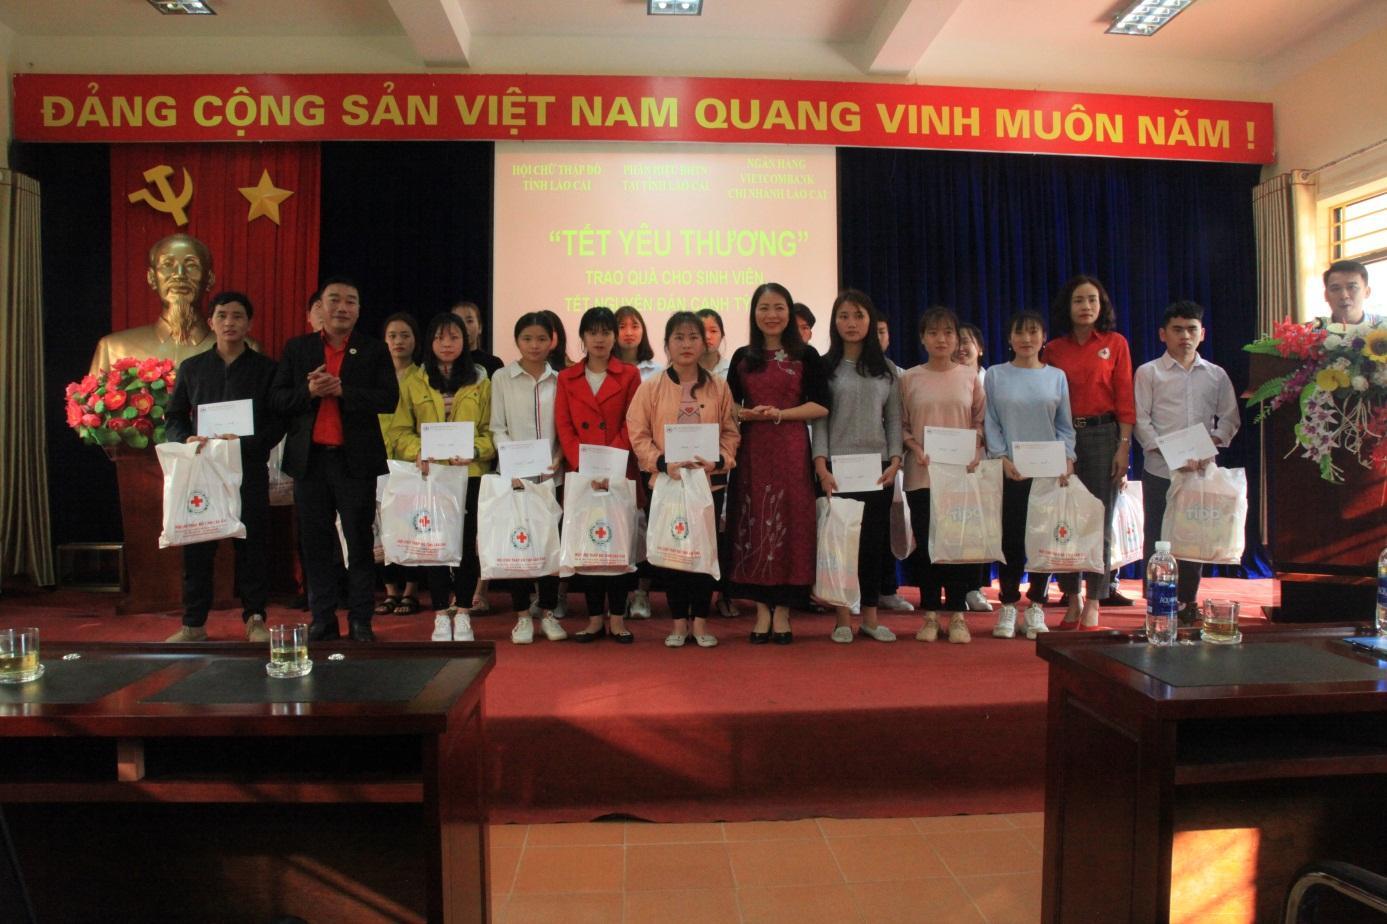 """Ấm áp Chương trình """"Tết yêu thương"""" của Phân hiệu ĐHTN tại tỉnh Lào Cai"""